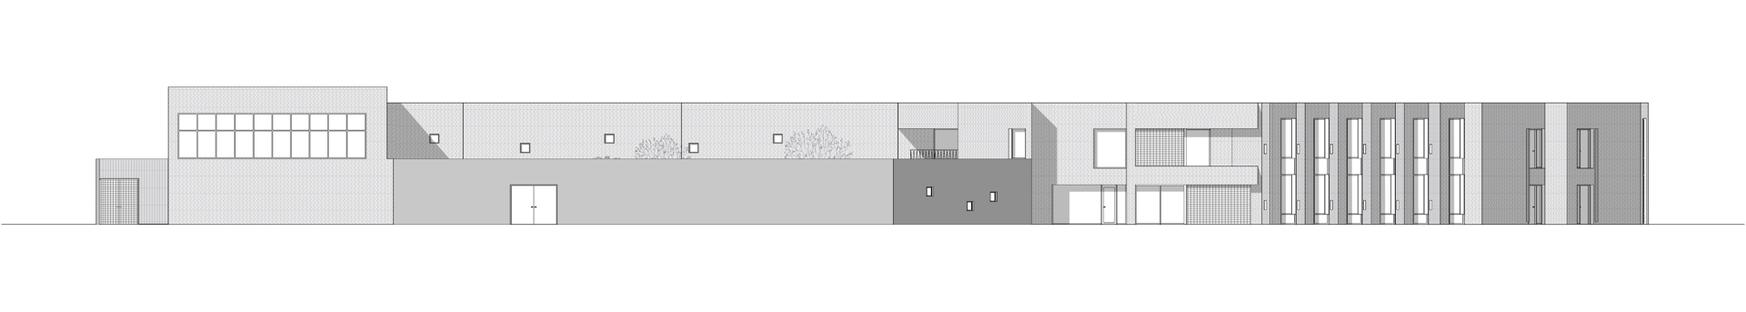 C. F. Møller Architects: Storstrøm Prison in Denmark